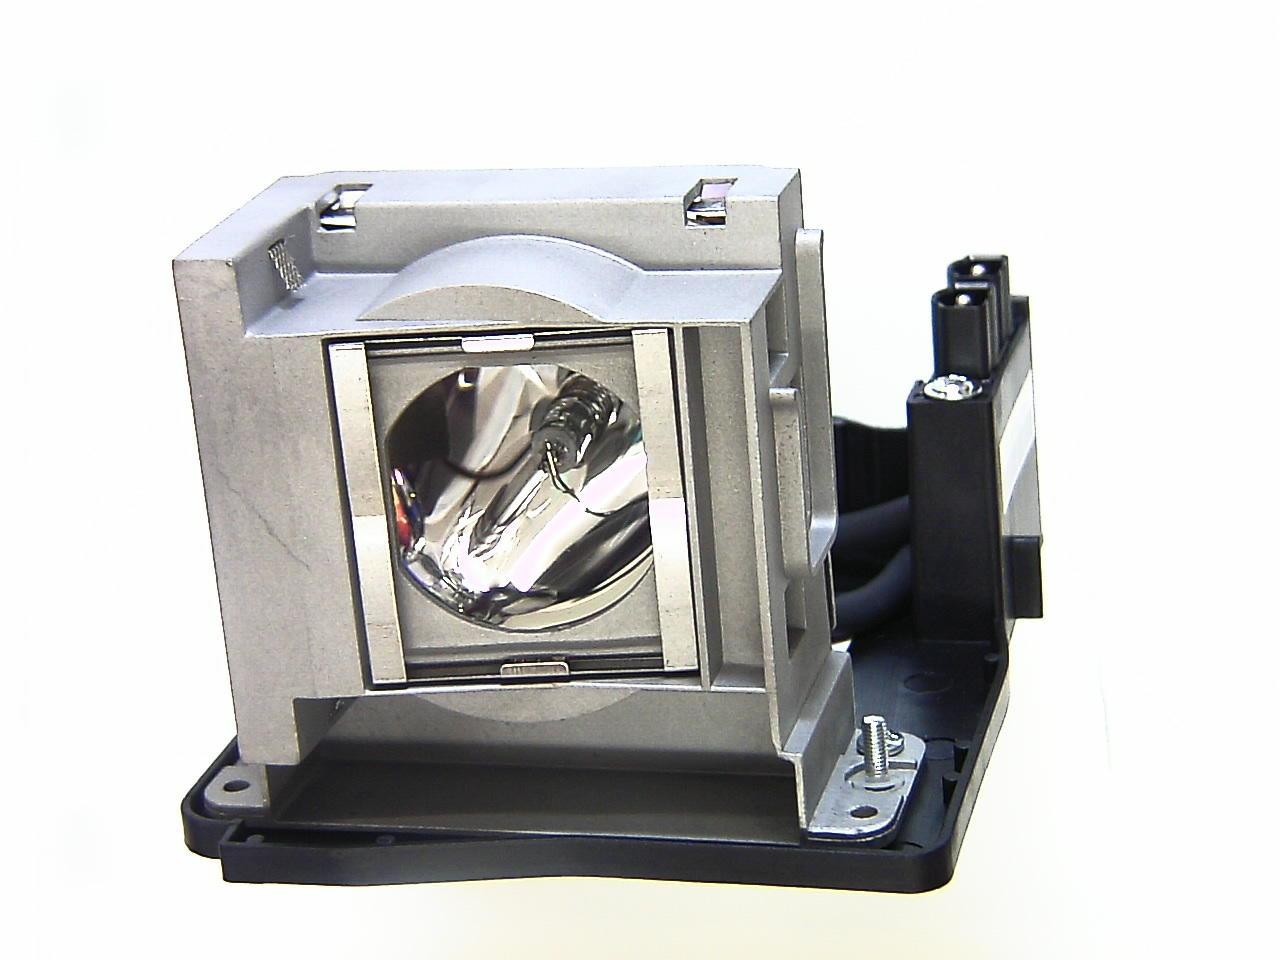 Lampada 300w vlt xd2000lp mitsubishi wd2000 vpl1219 - Cerca, compra, vendi nuovo e usato: V7 ...